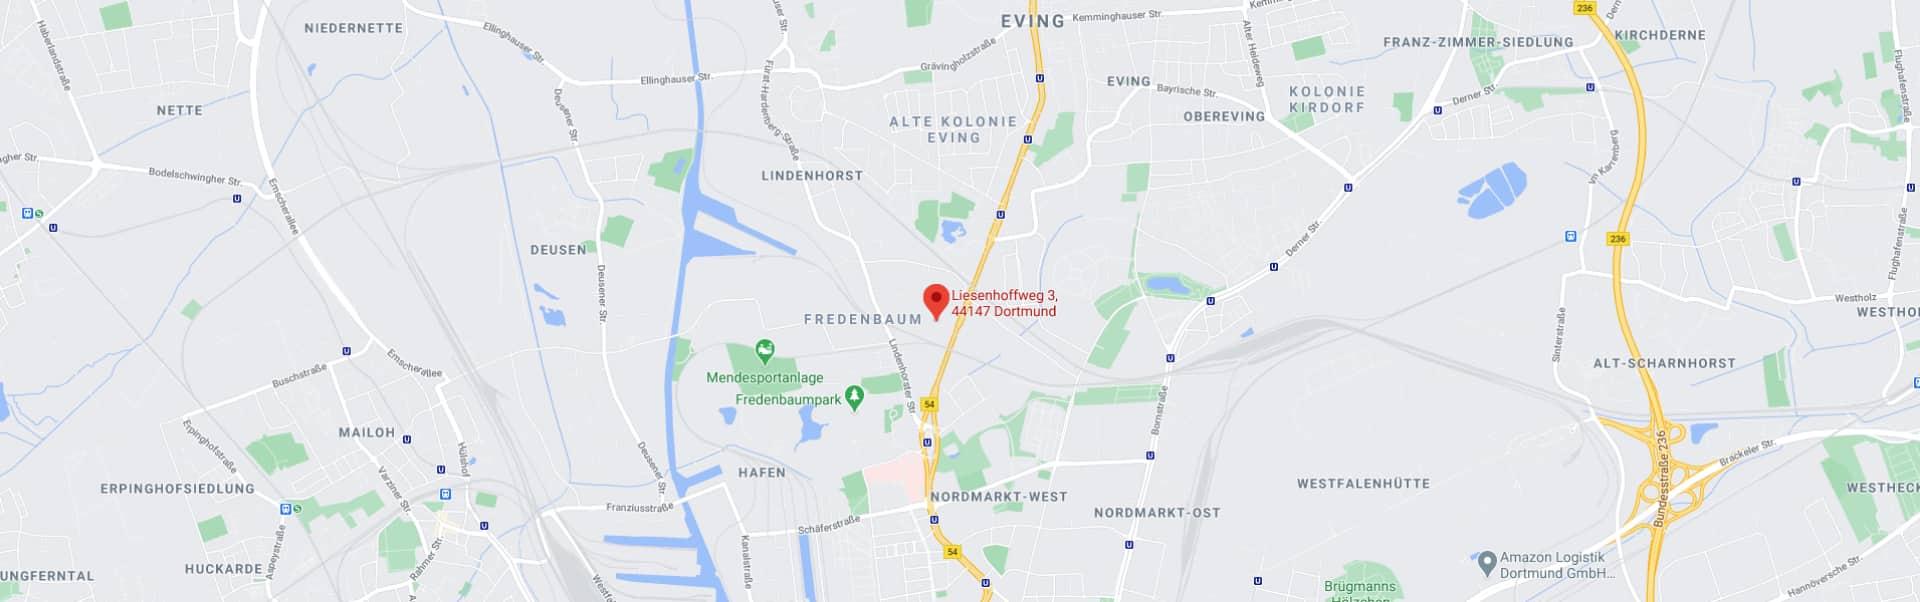 Standort von Aventec auf Karte